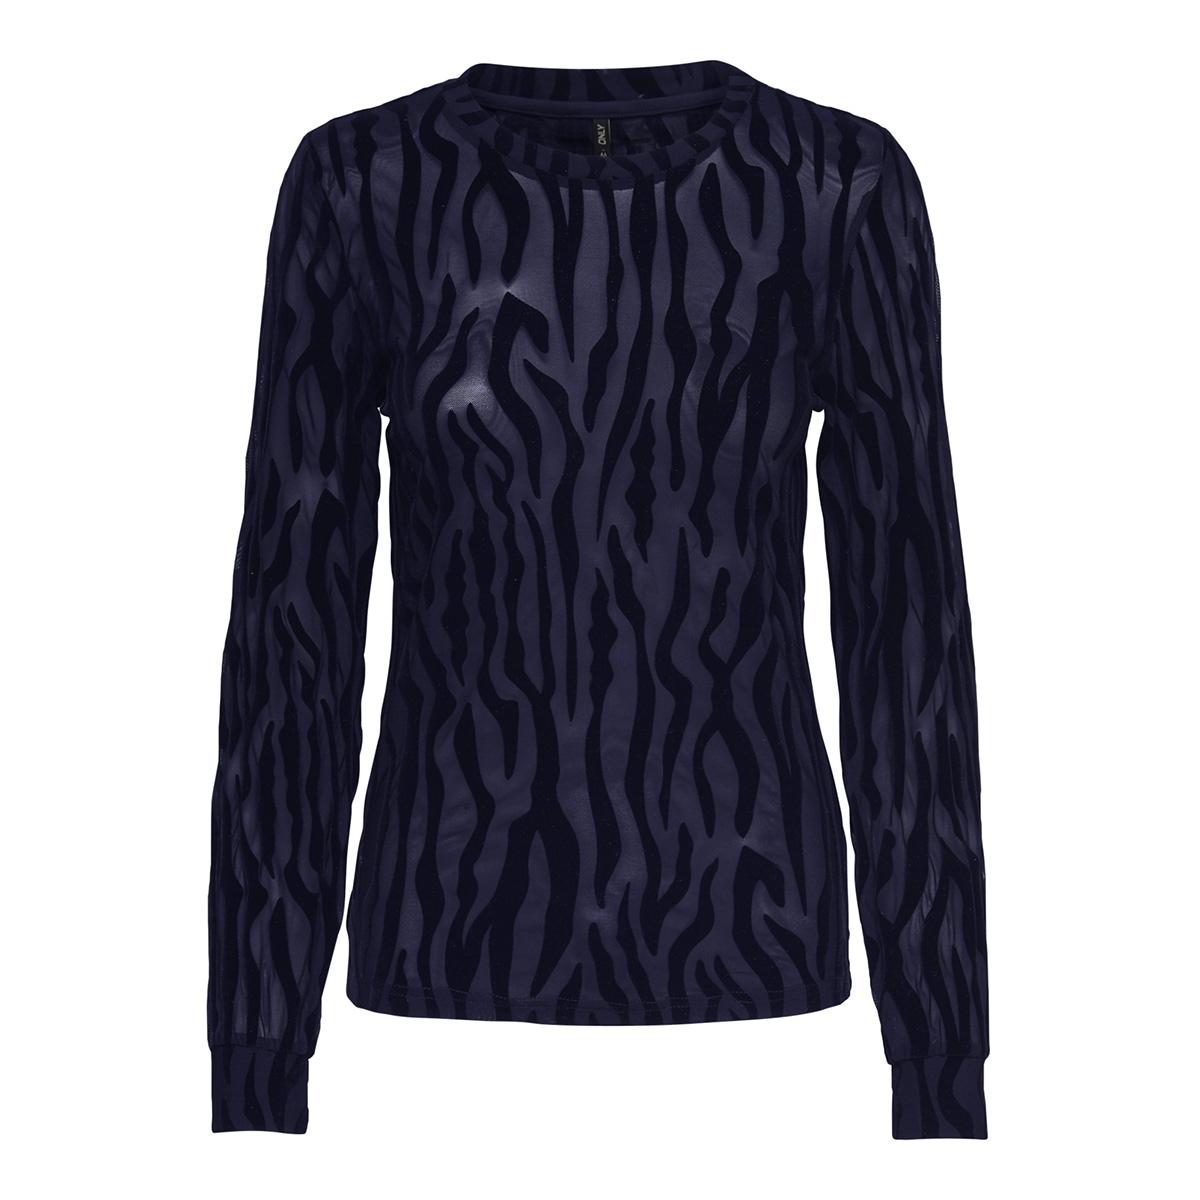 onlflikka l/s top jrs 15164503 only t-shirt blueprint